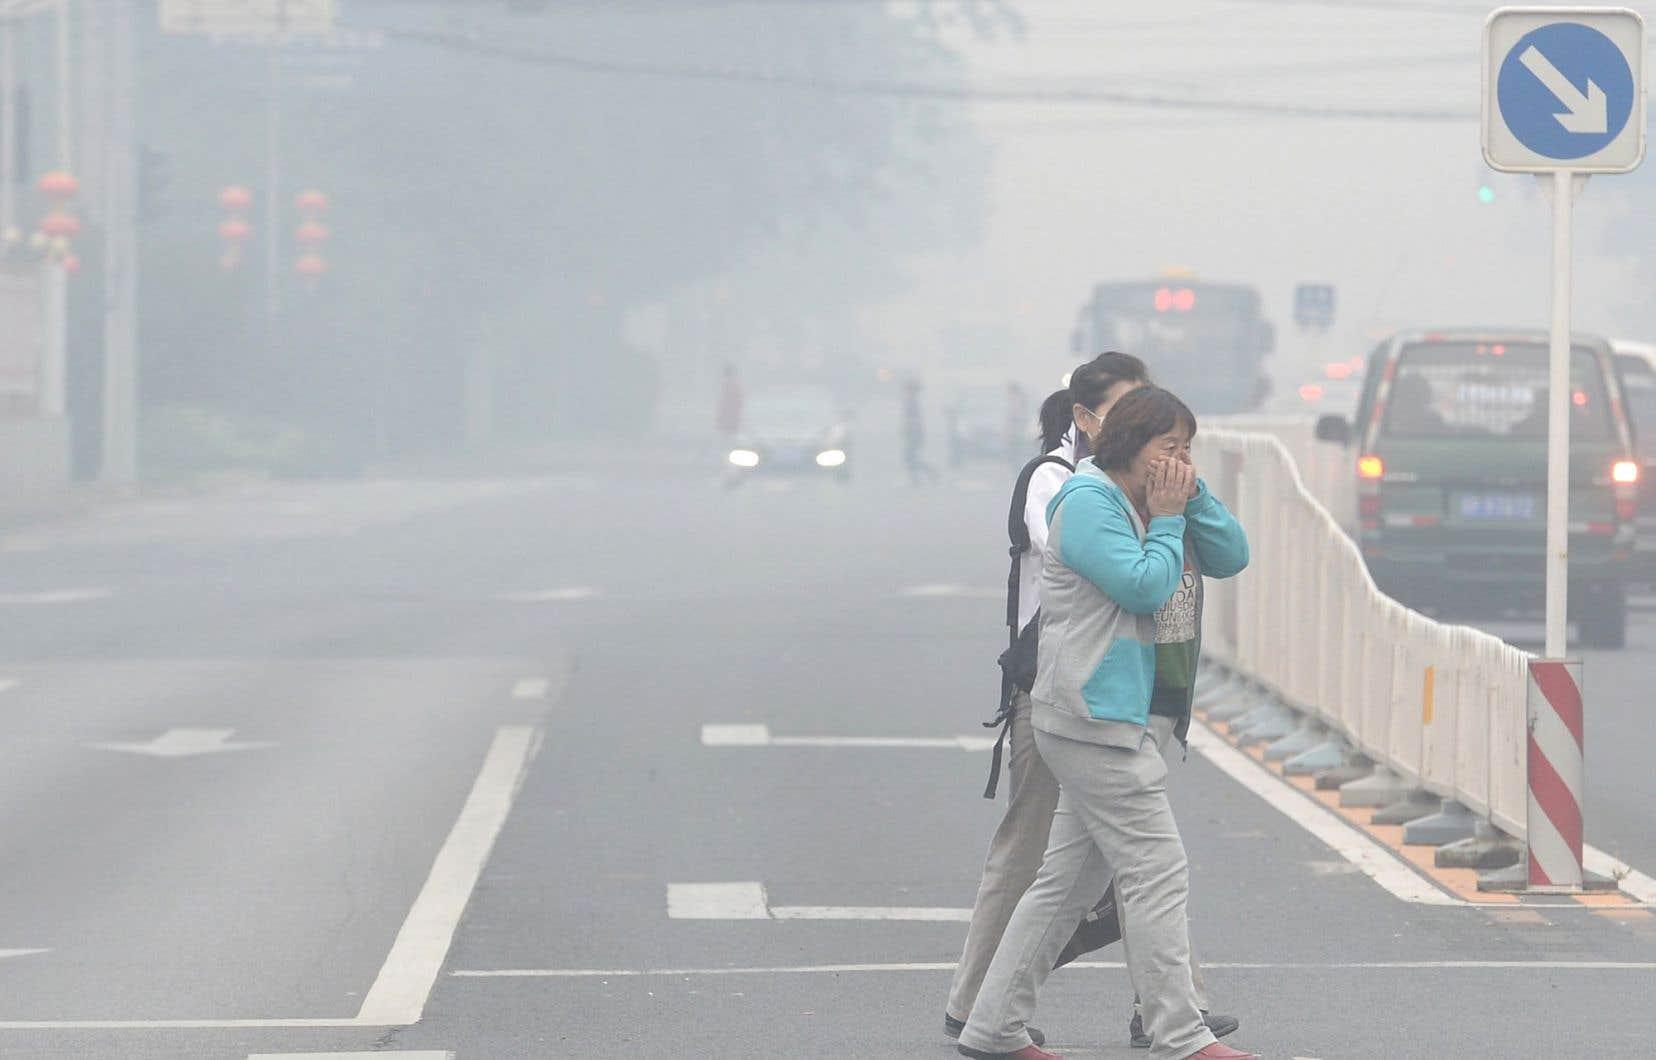 La Chine devra s'impliquer dans la lutte contre les changements climatiques. Pékin est un exemple frappant de la situation de l'environnement.